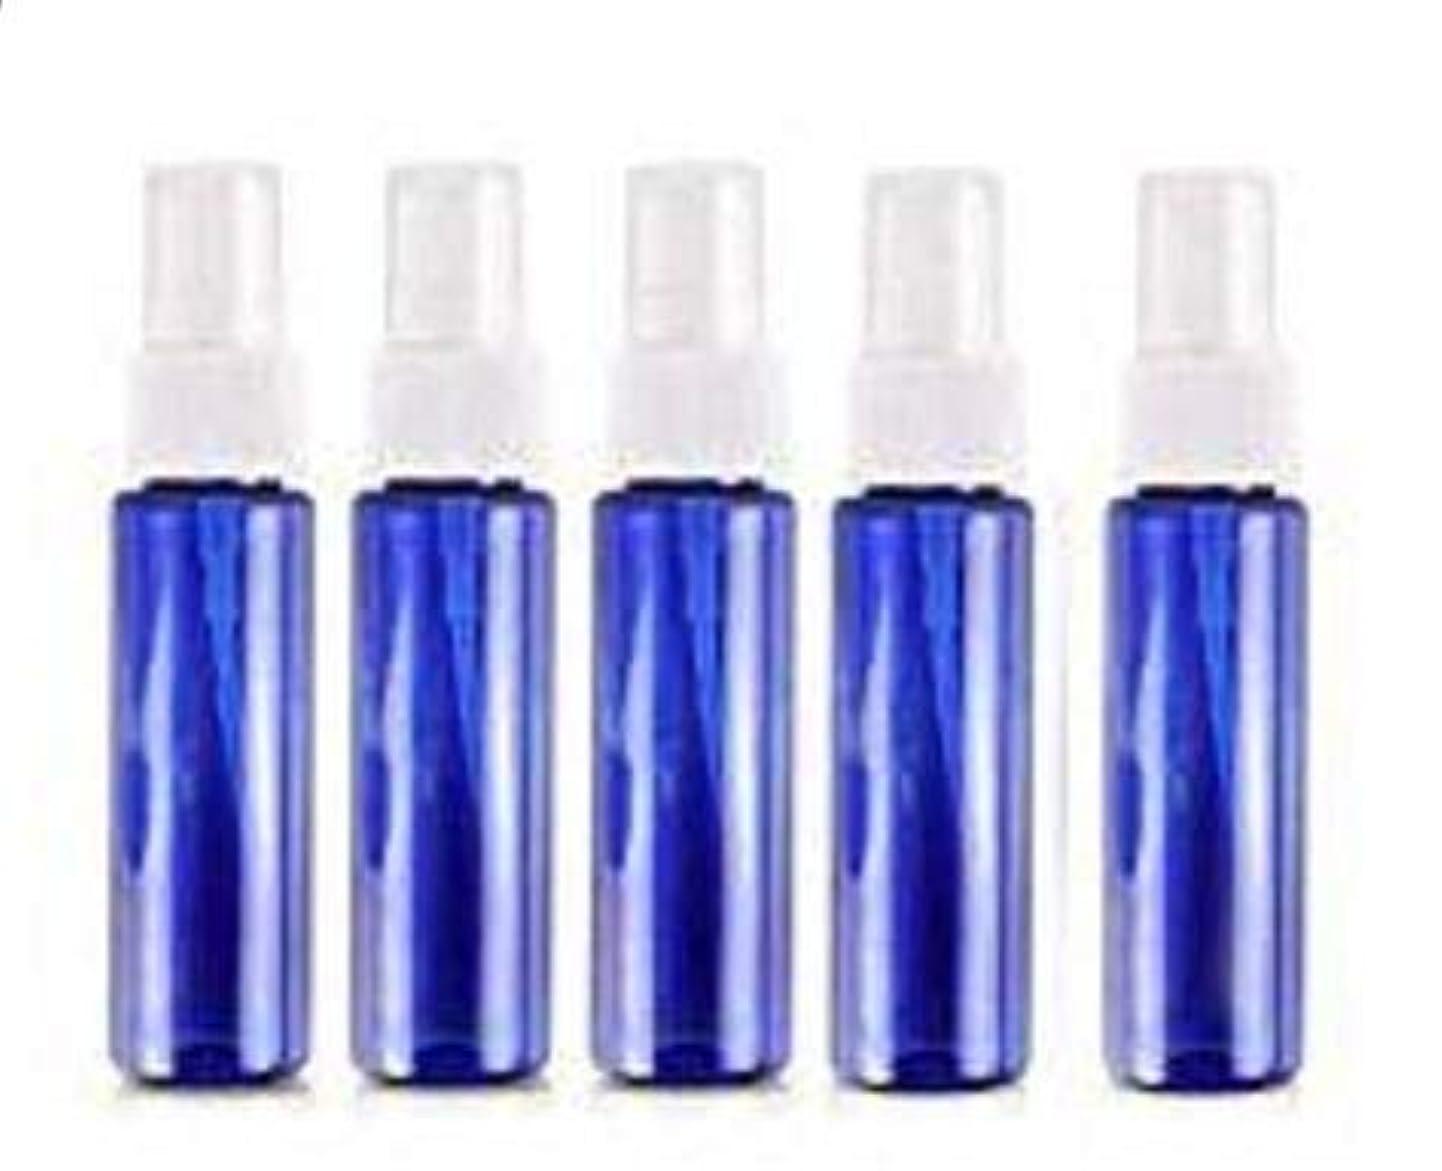 バック擬人副詞chaselpod スプレーボトル スプレー容器 遮光瓶スプレー アロマ虫除けスプレー プラスチック製 ミニ 携帯 便利 軽量 30ml 5本 (ブルー)